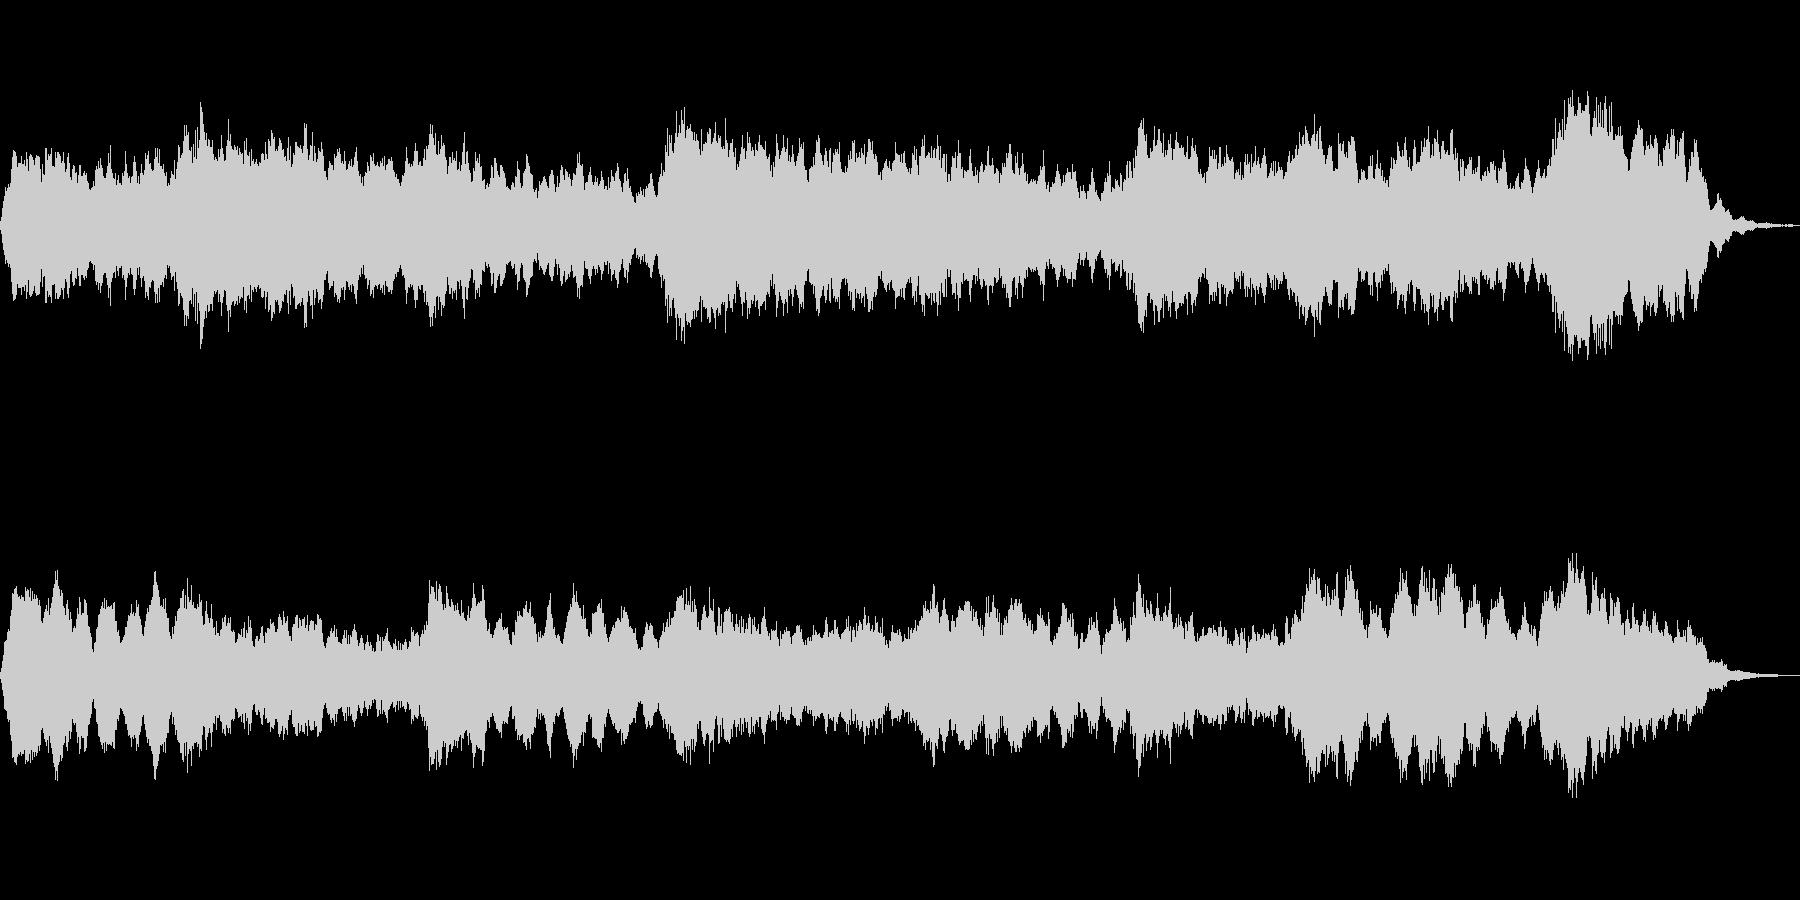 アンビエントな音色で構成した抽象描写作品の未再生の波形